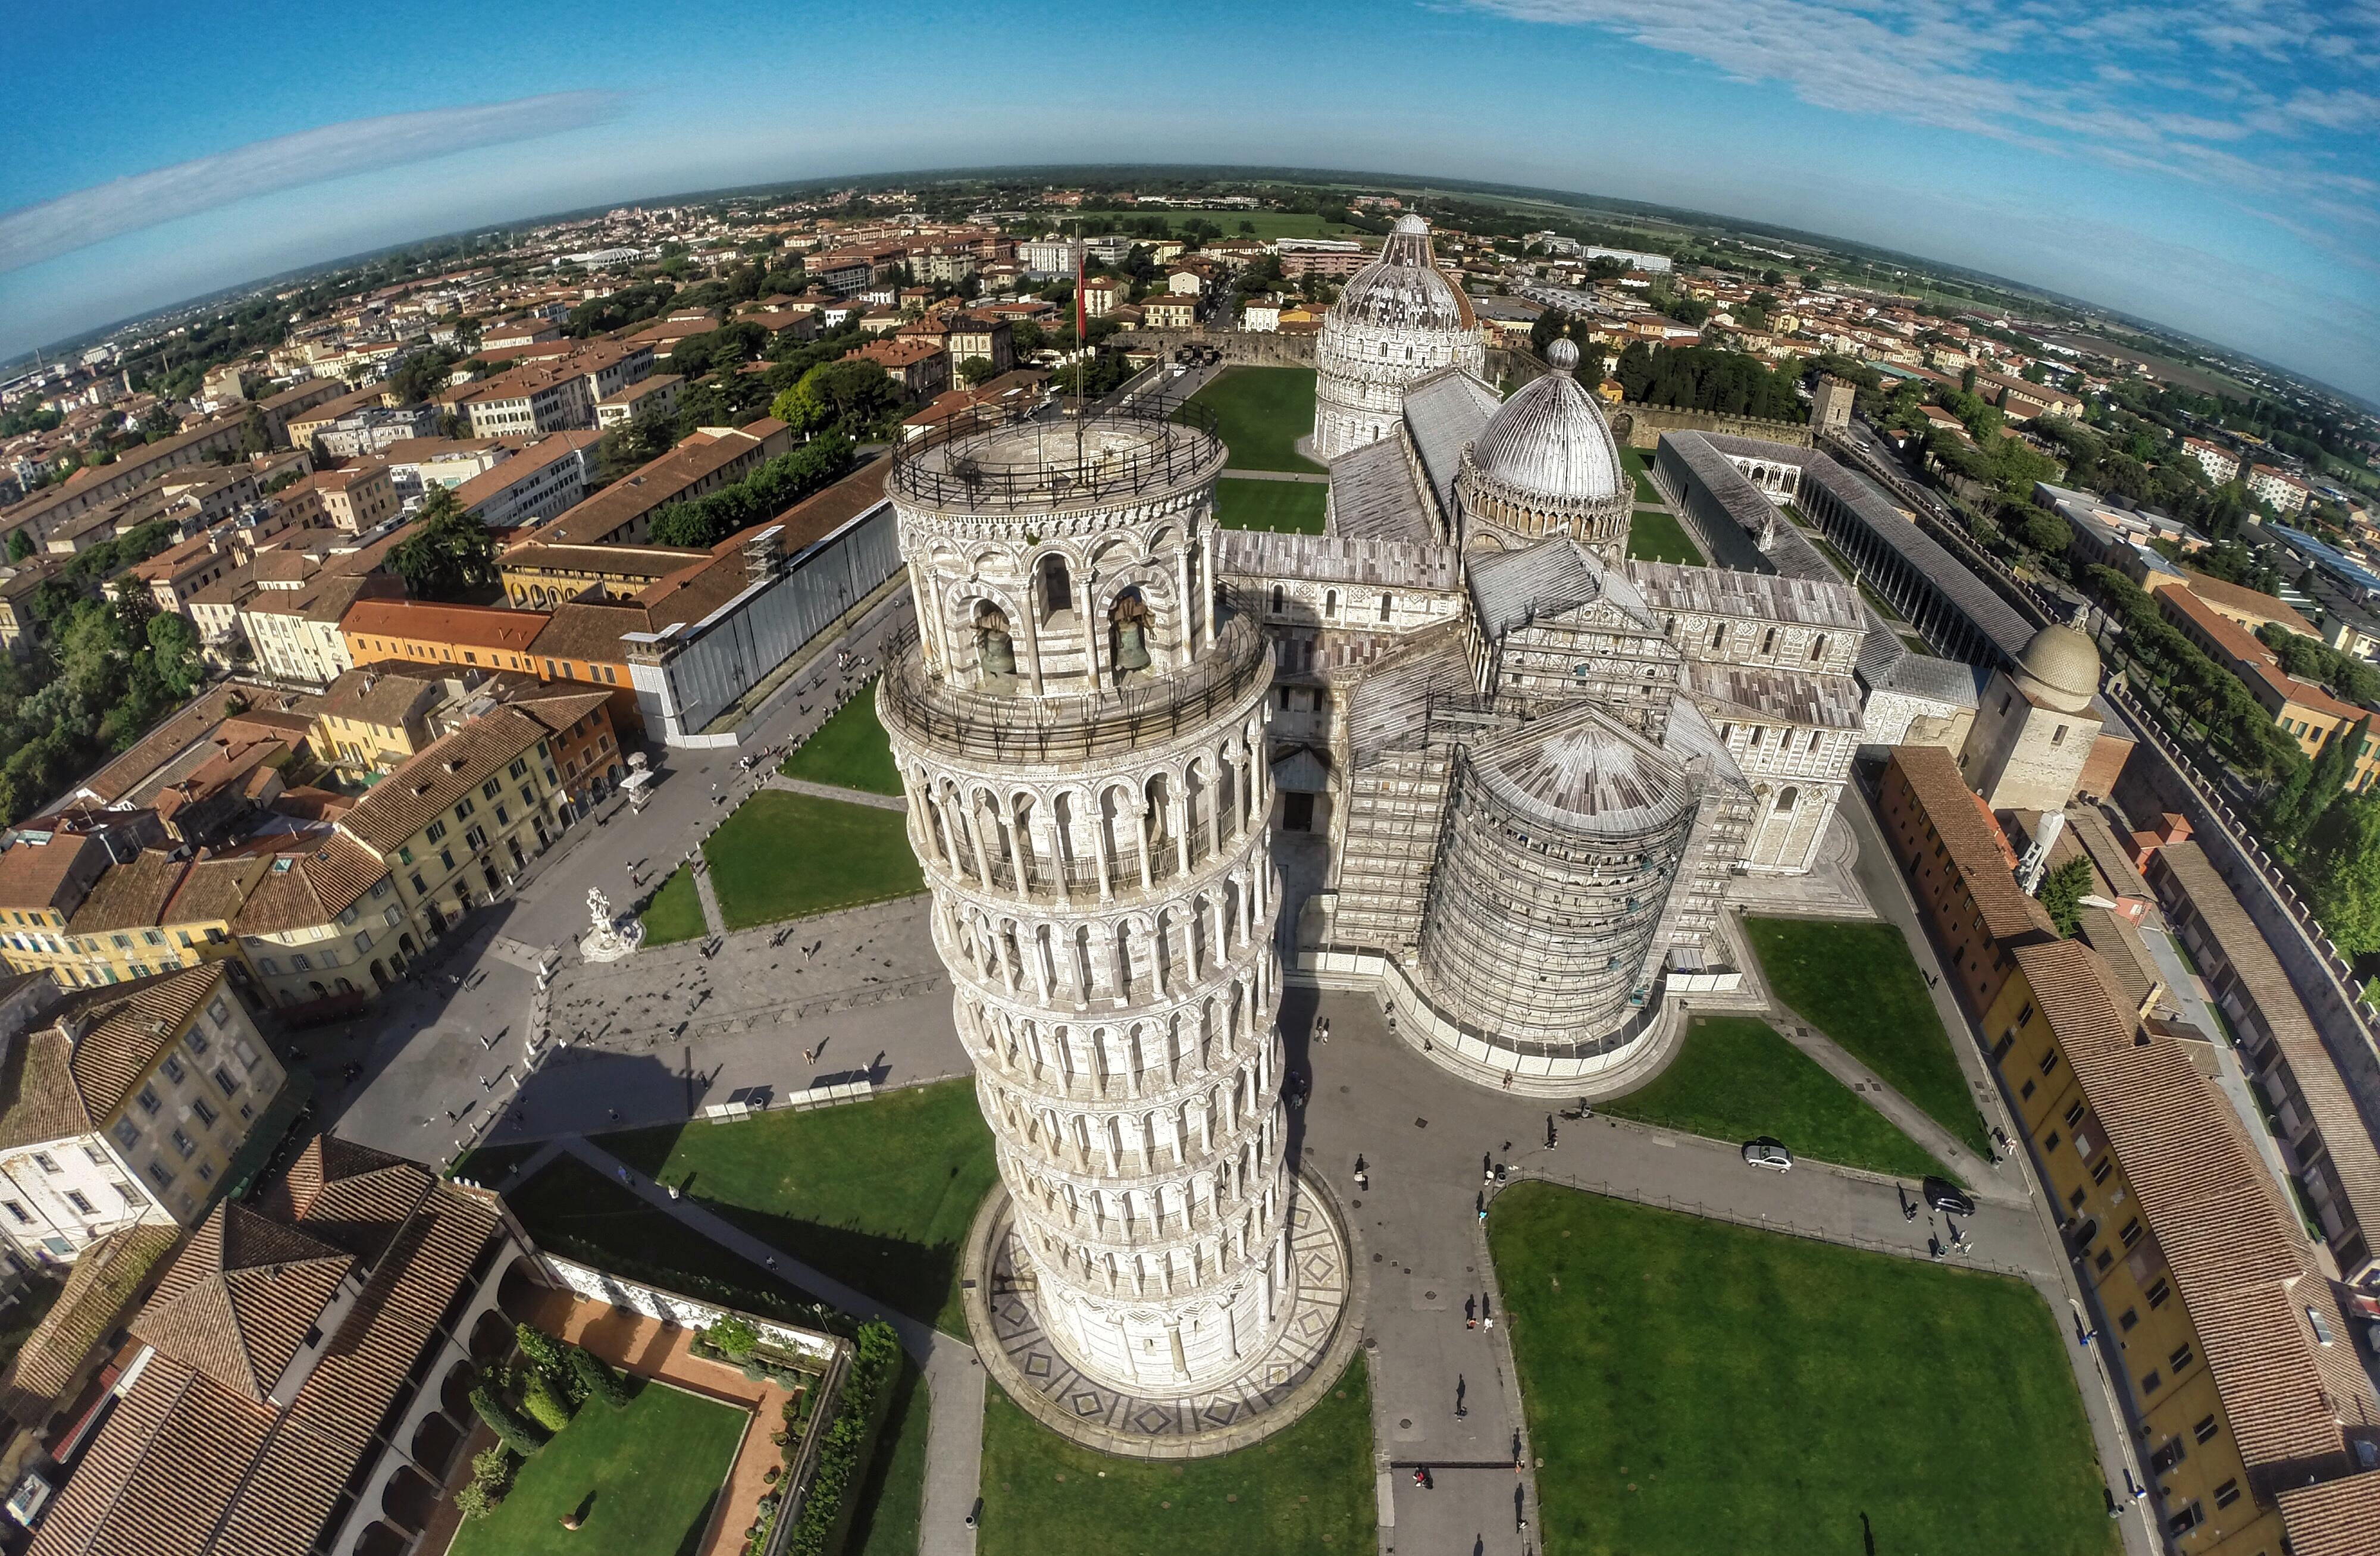 Tower Pisa Italy Italy Tuscana Tower of Pisa